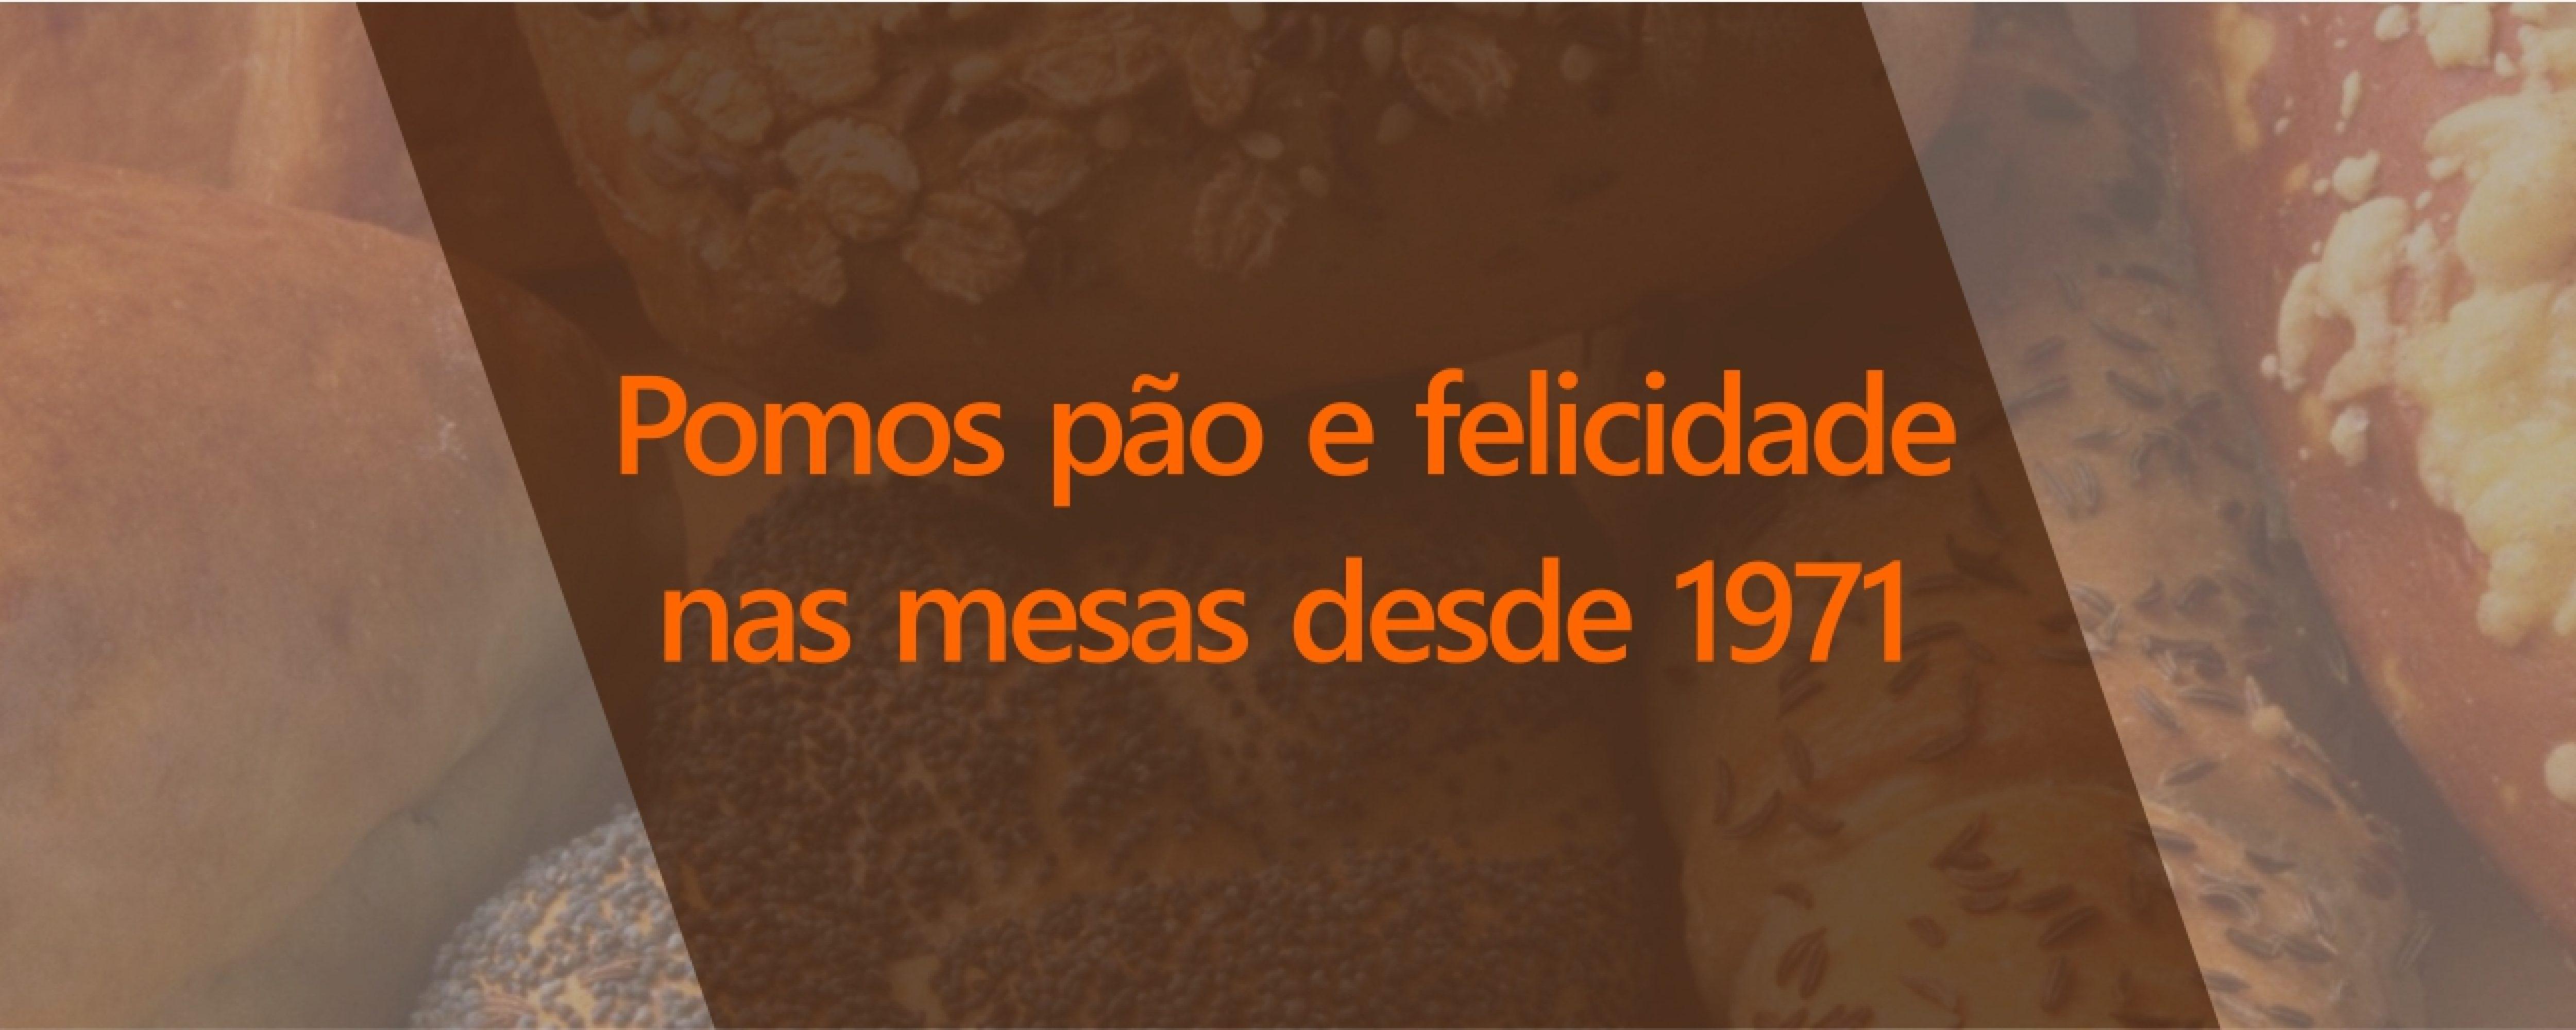 Cabeçalho Ribapão(Padaria)-texto